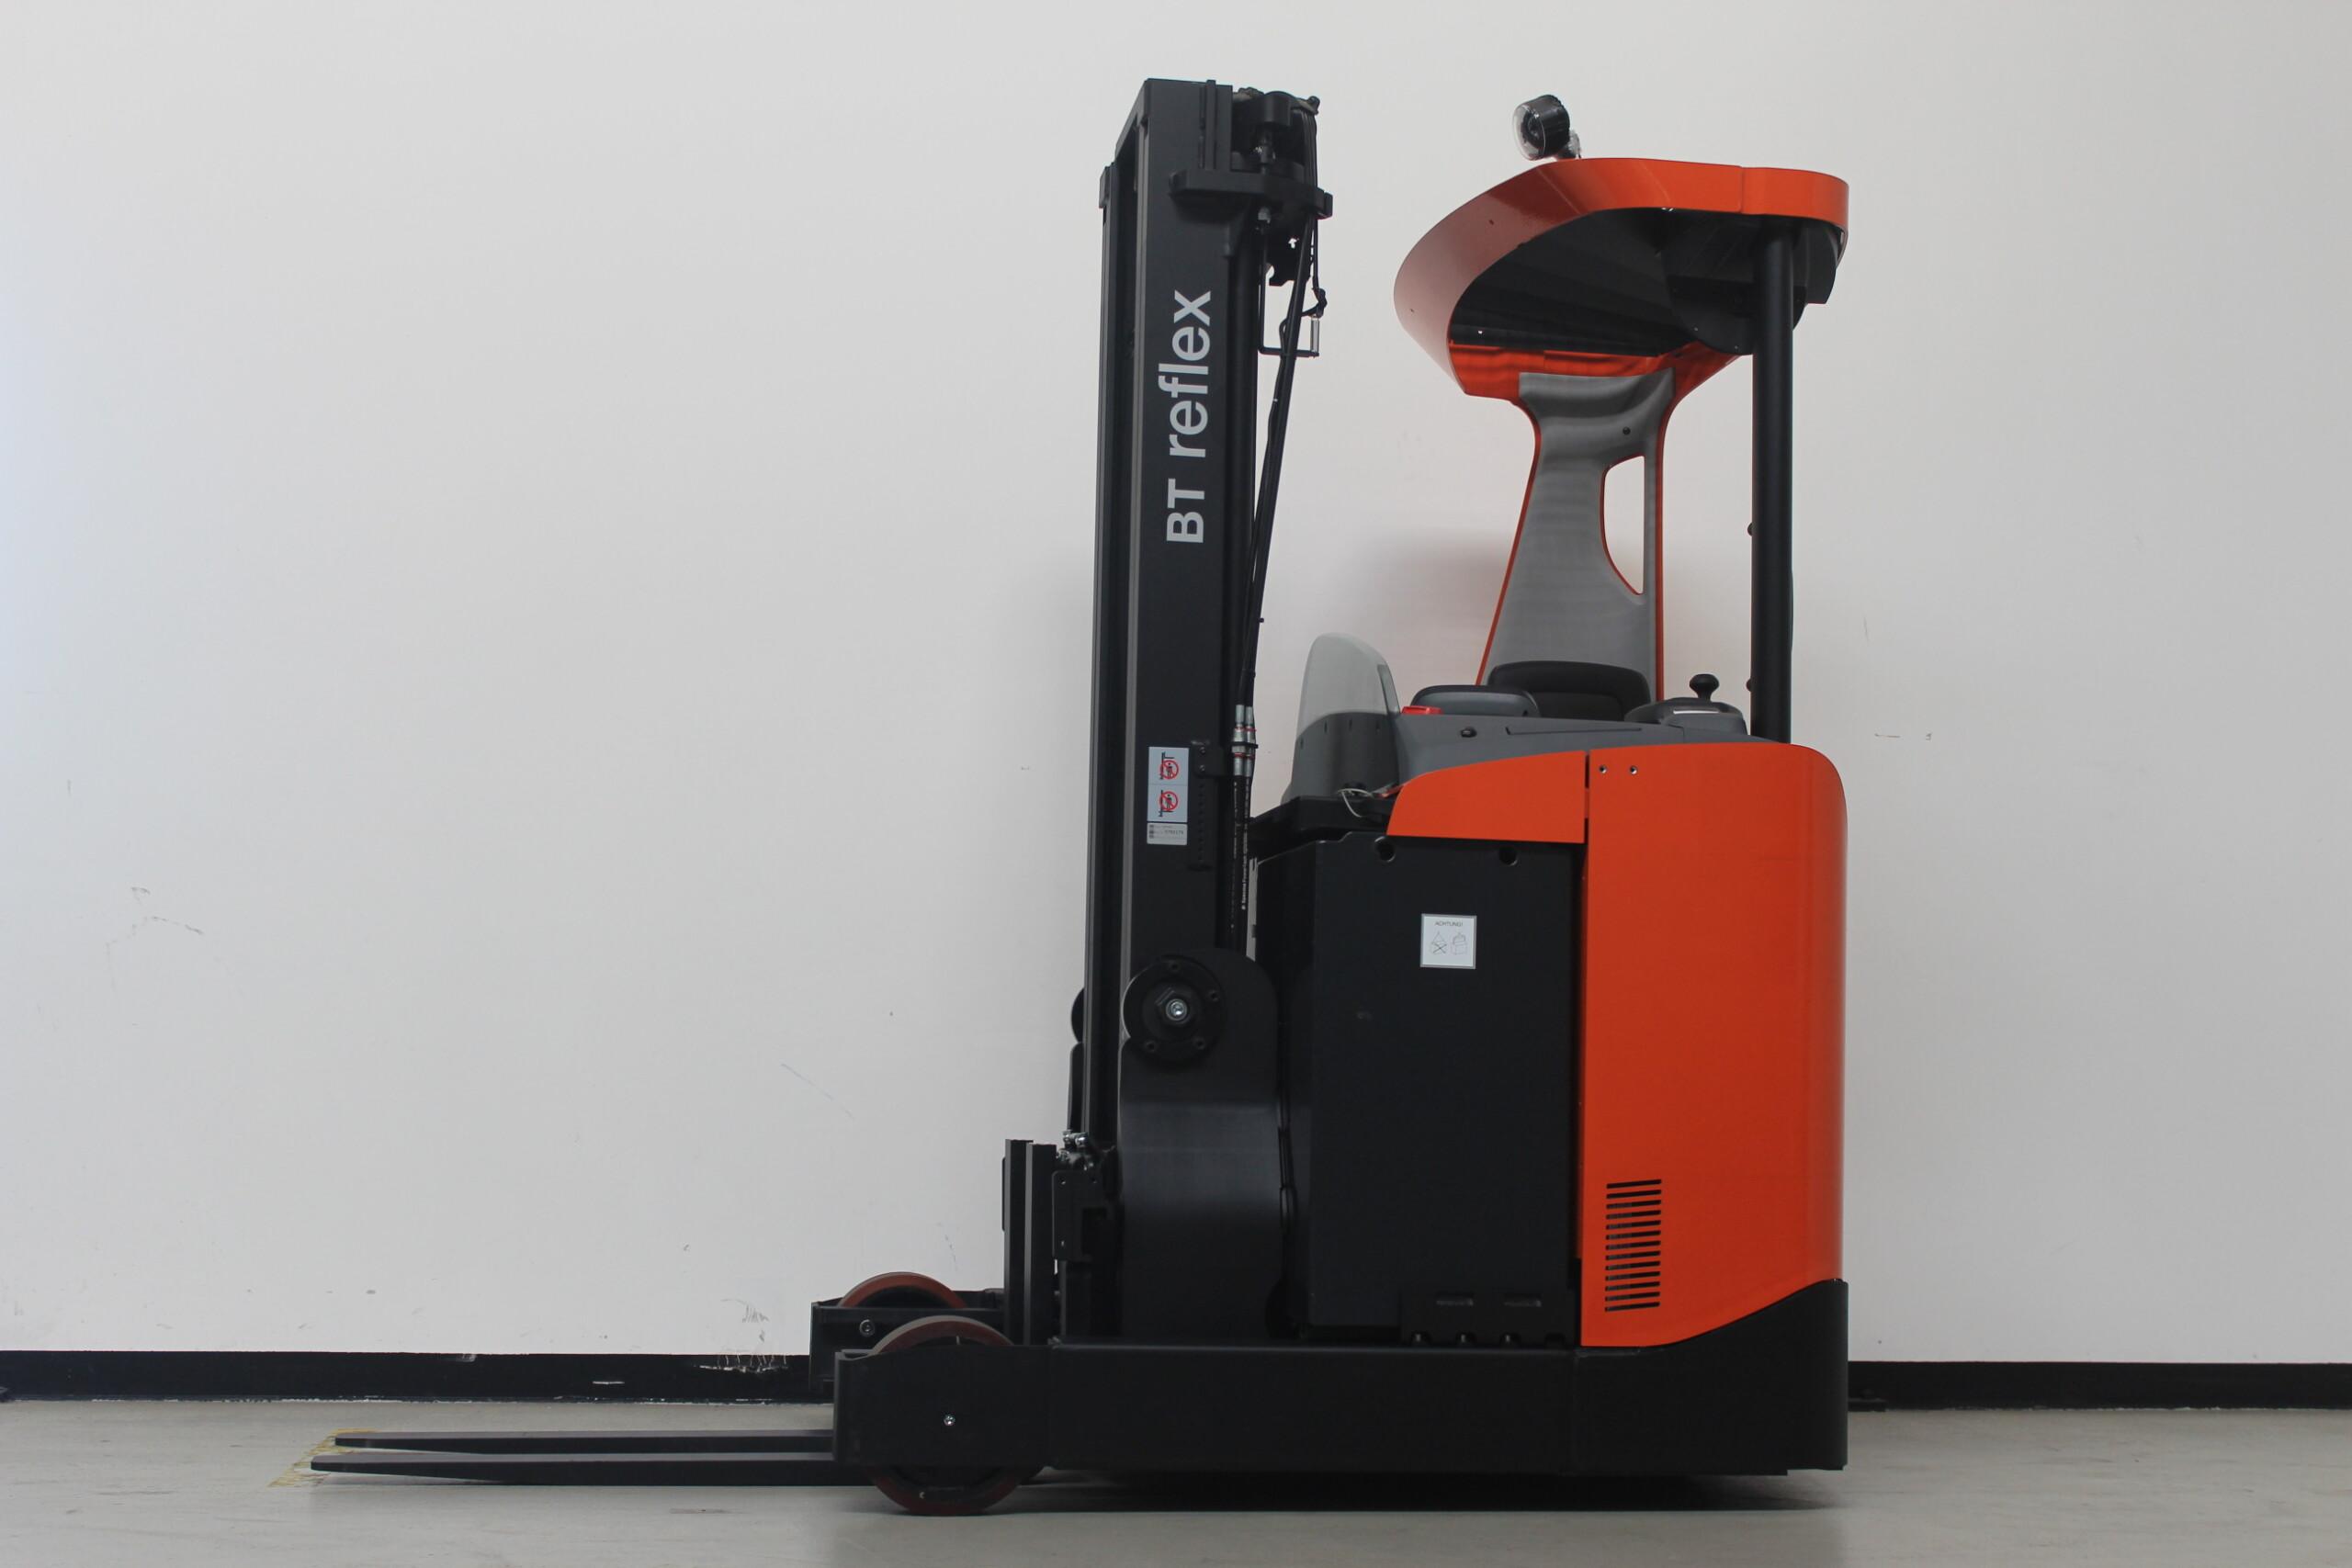 Toyota-Gabelstapler-59840 1610088322 1 29 scaled